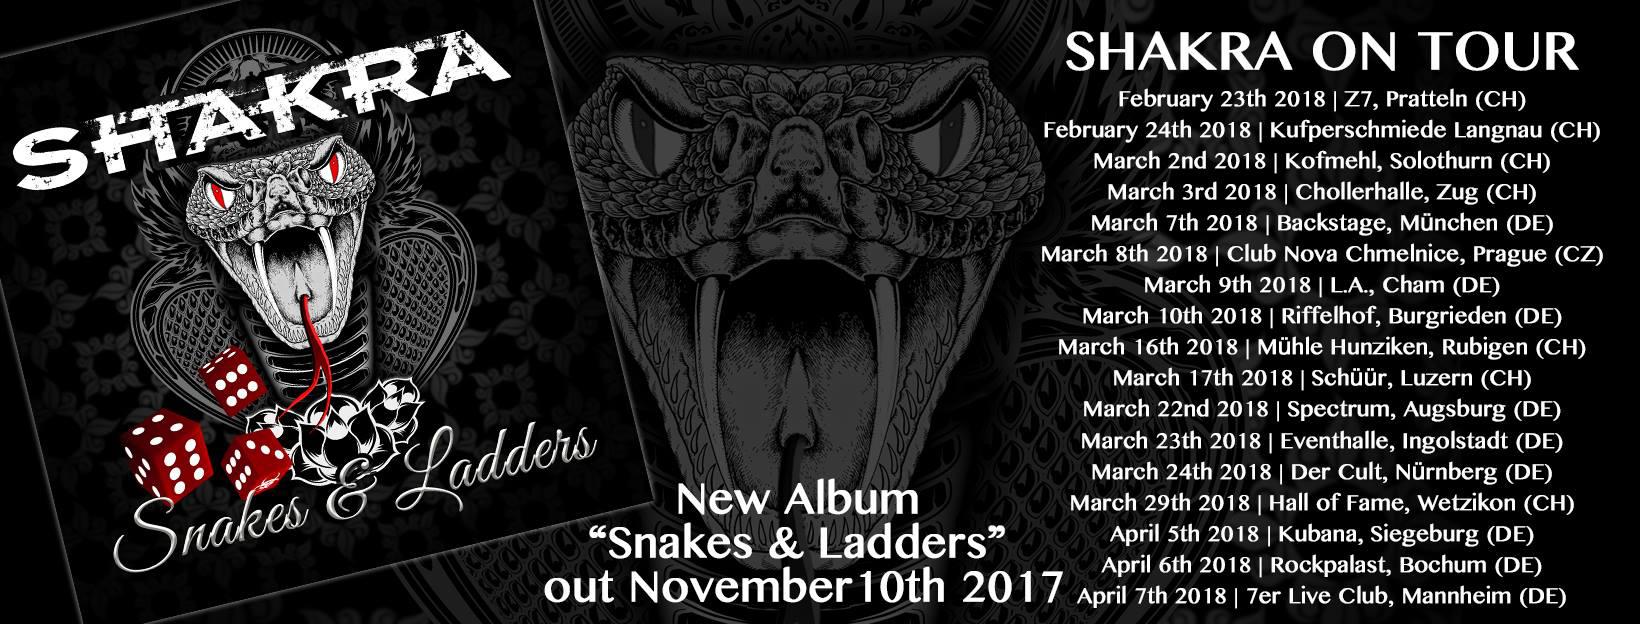 Tourplakat von Shakra 2018